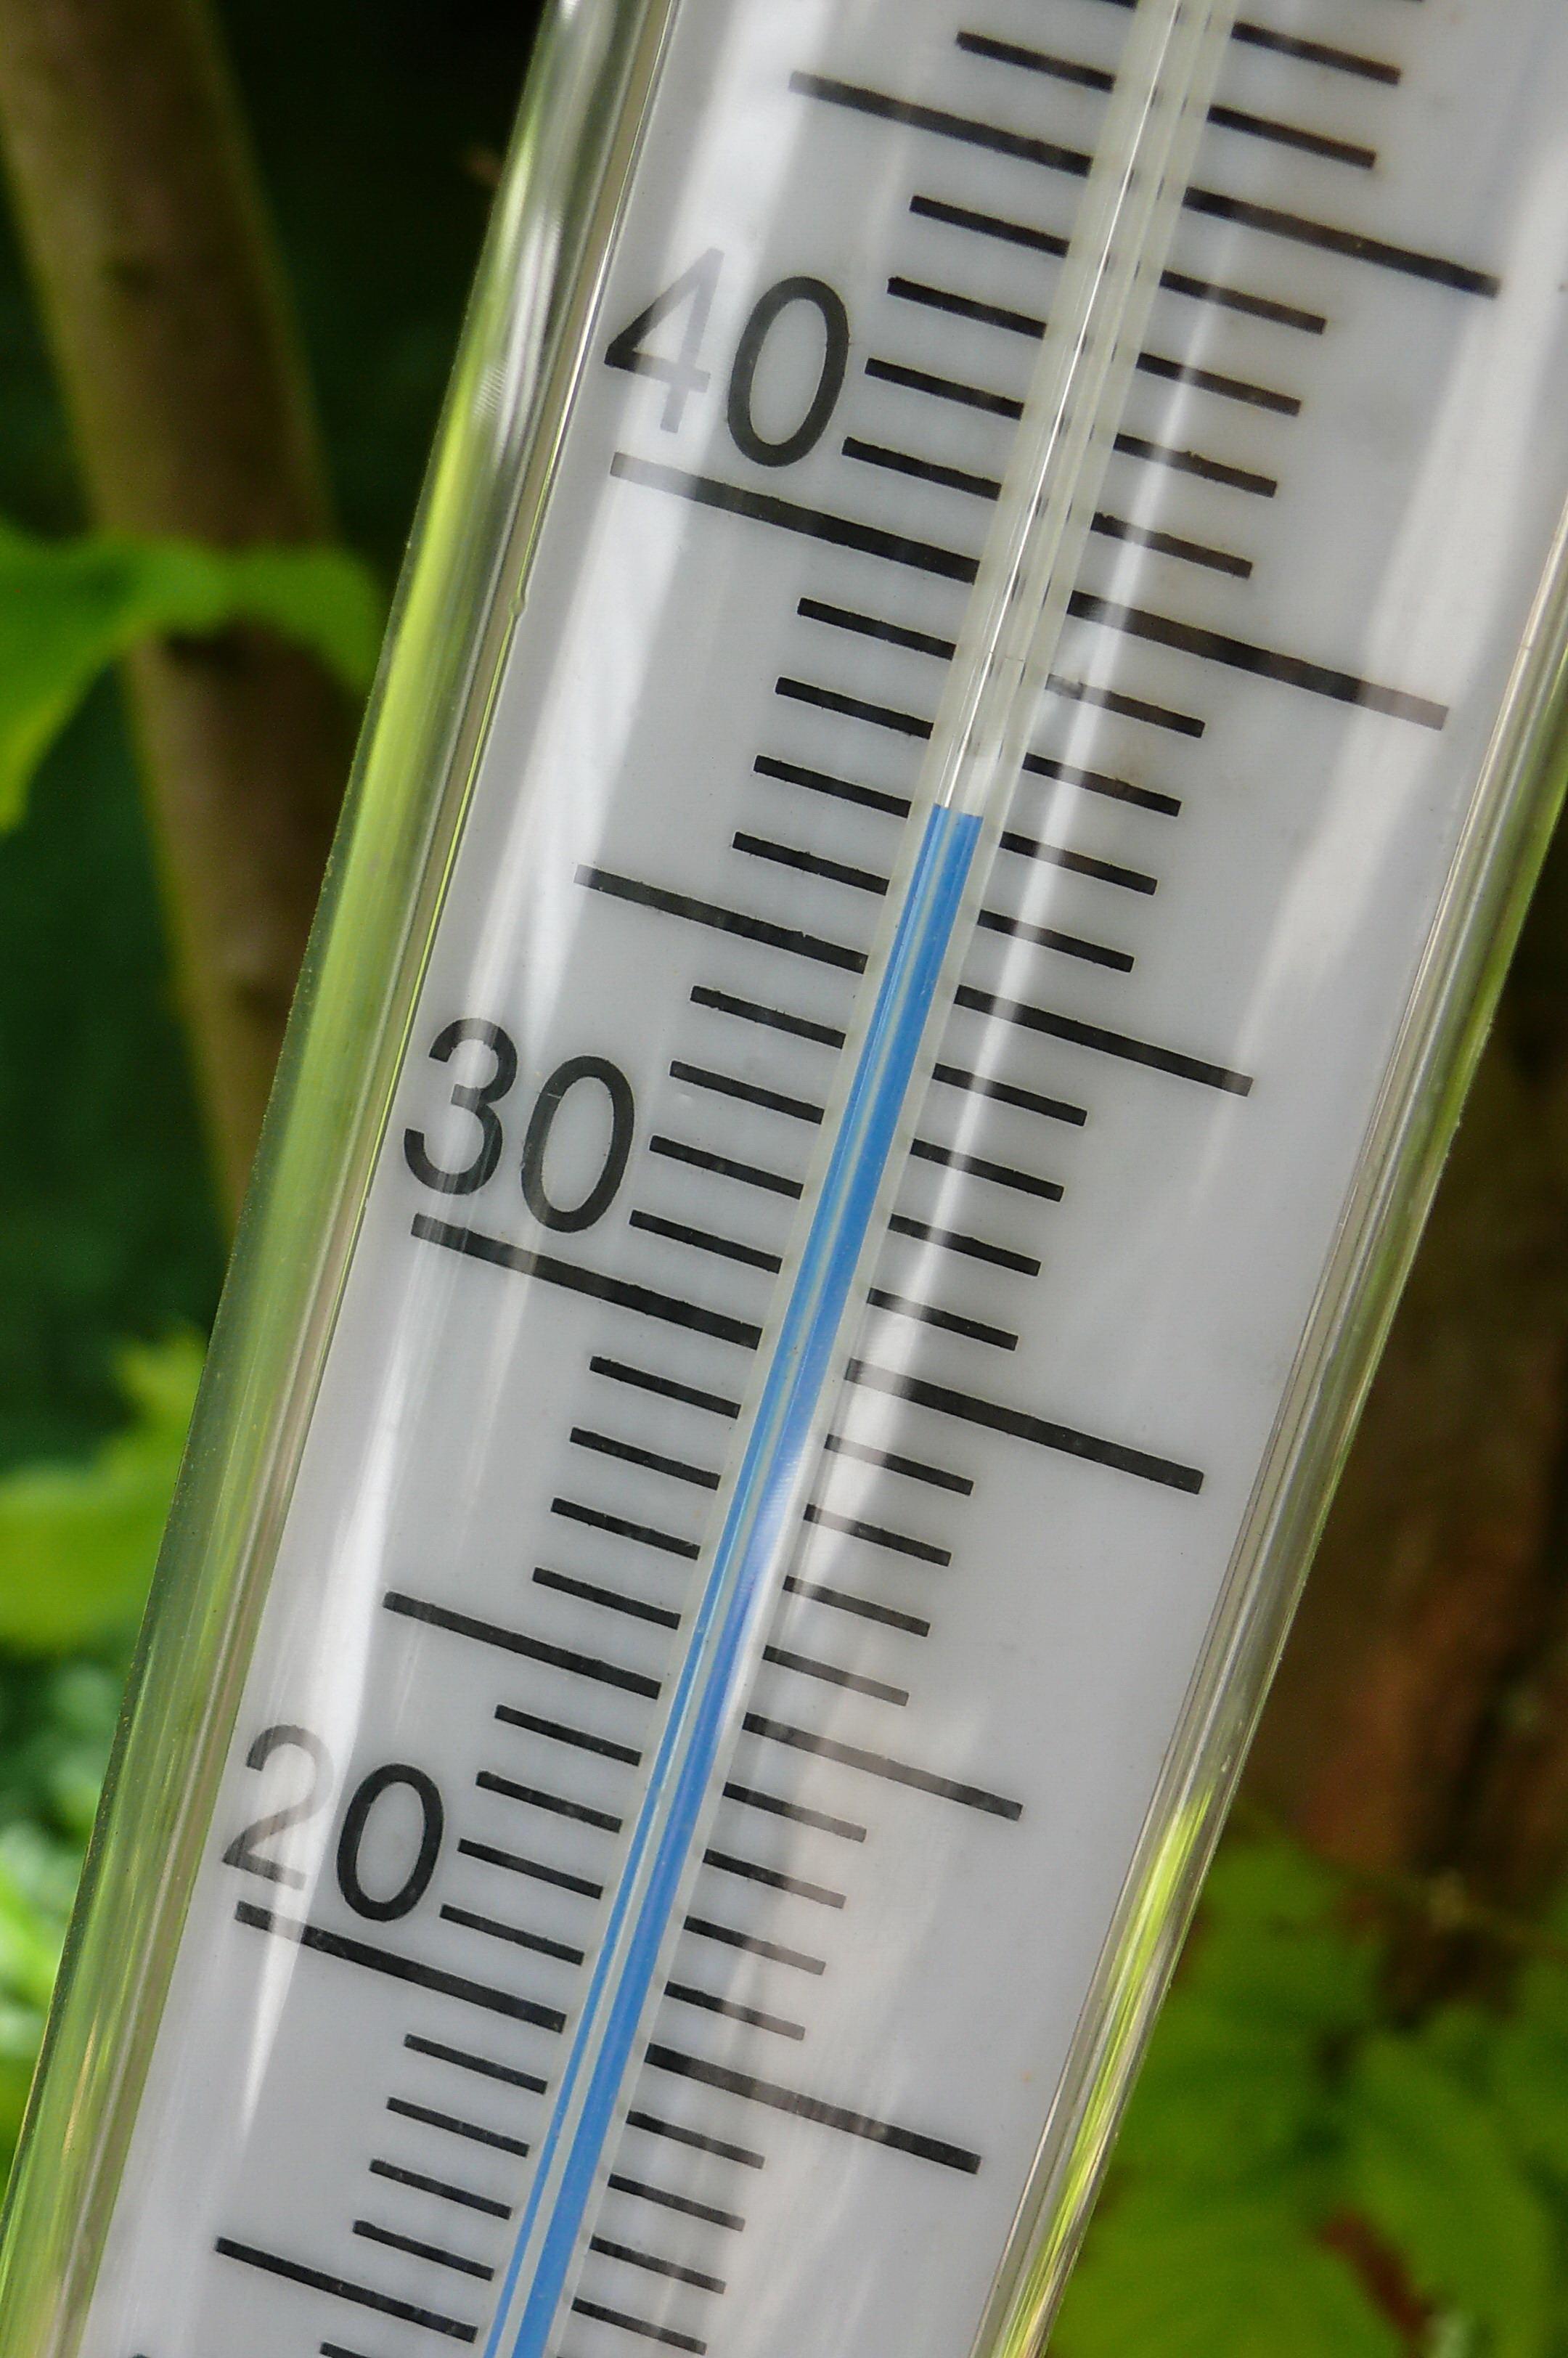 Thermometer-pixelio.de